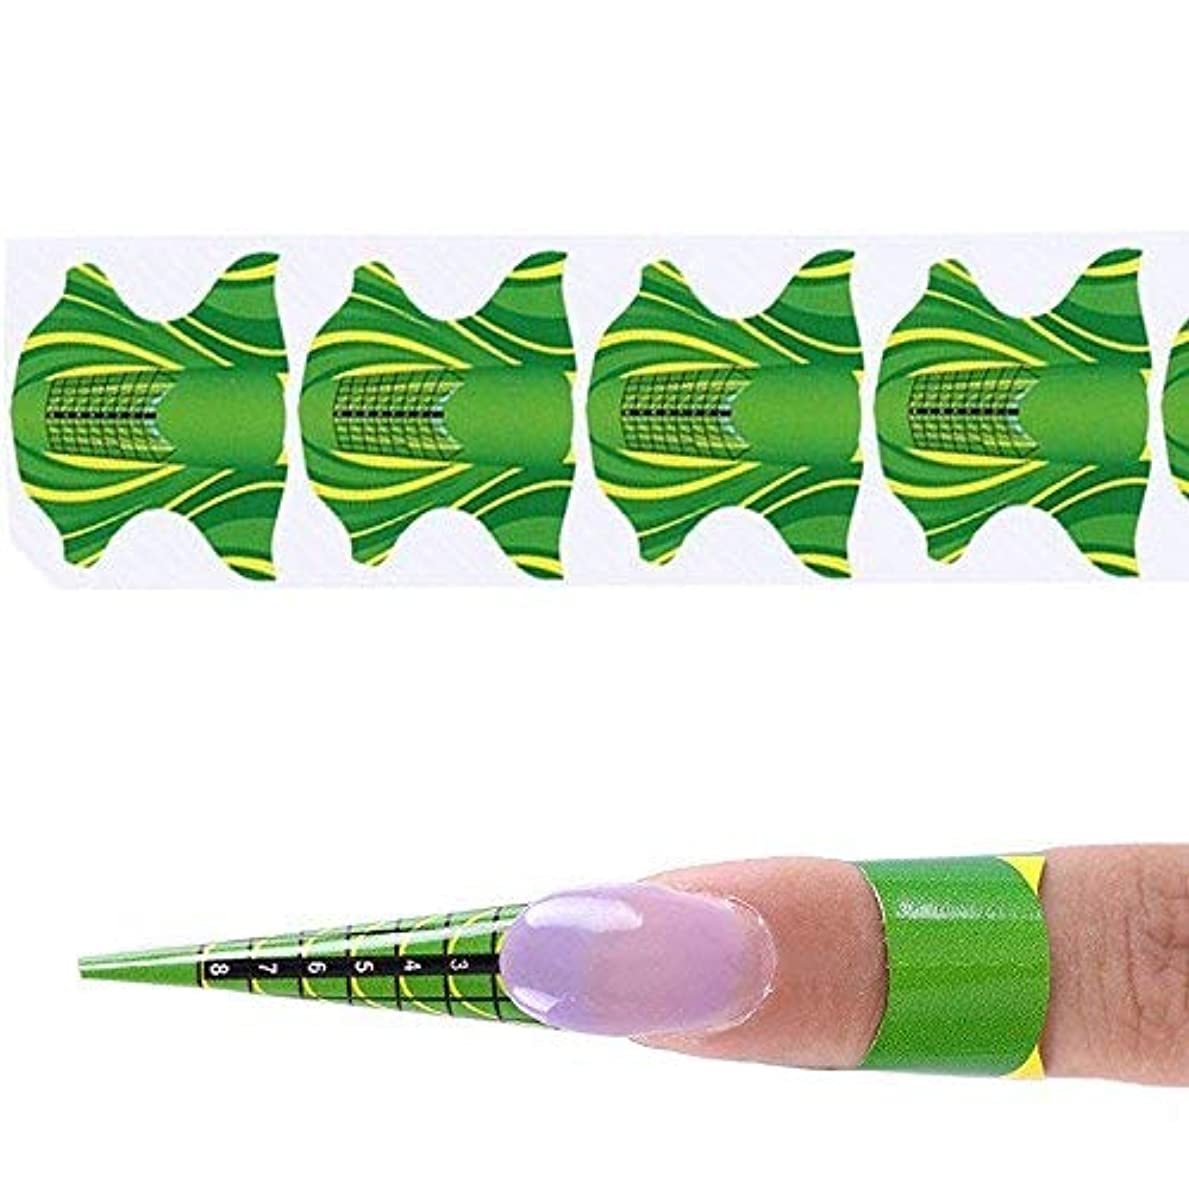 欠乏コース幹coraly ネイルアートツール 1巻500枚 長さだしジェルネイルフォーム 紙製のネイルフォーム プロ用 使い捨て